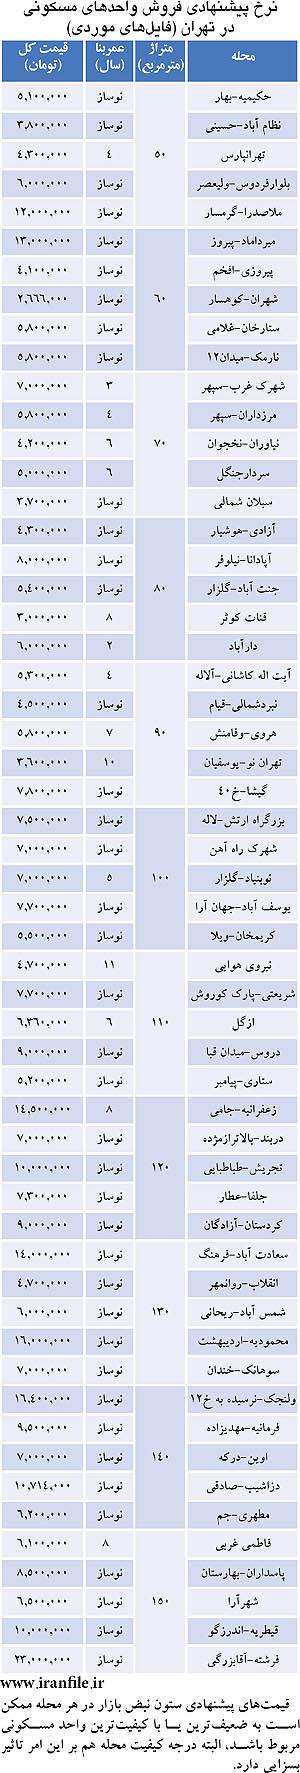 جدول قیمت خانه های بسیار کوچک در تهران.